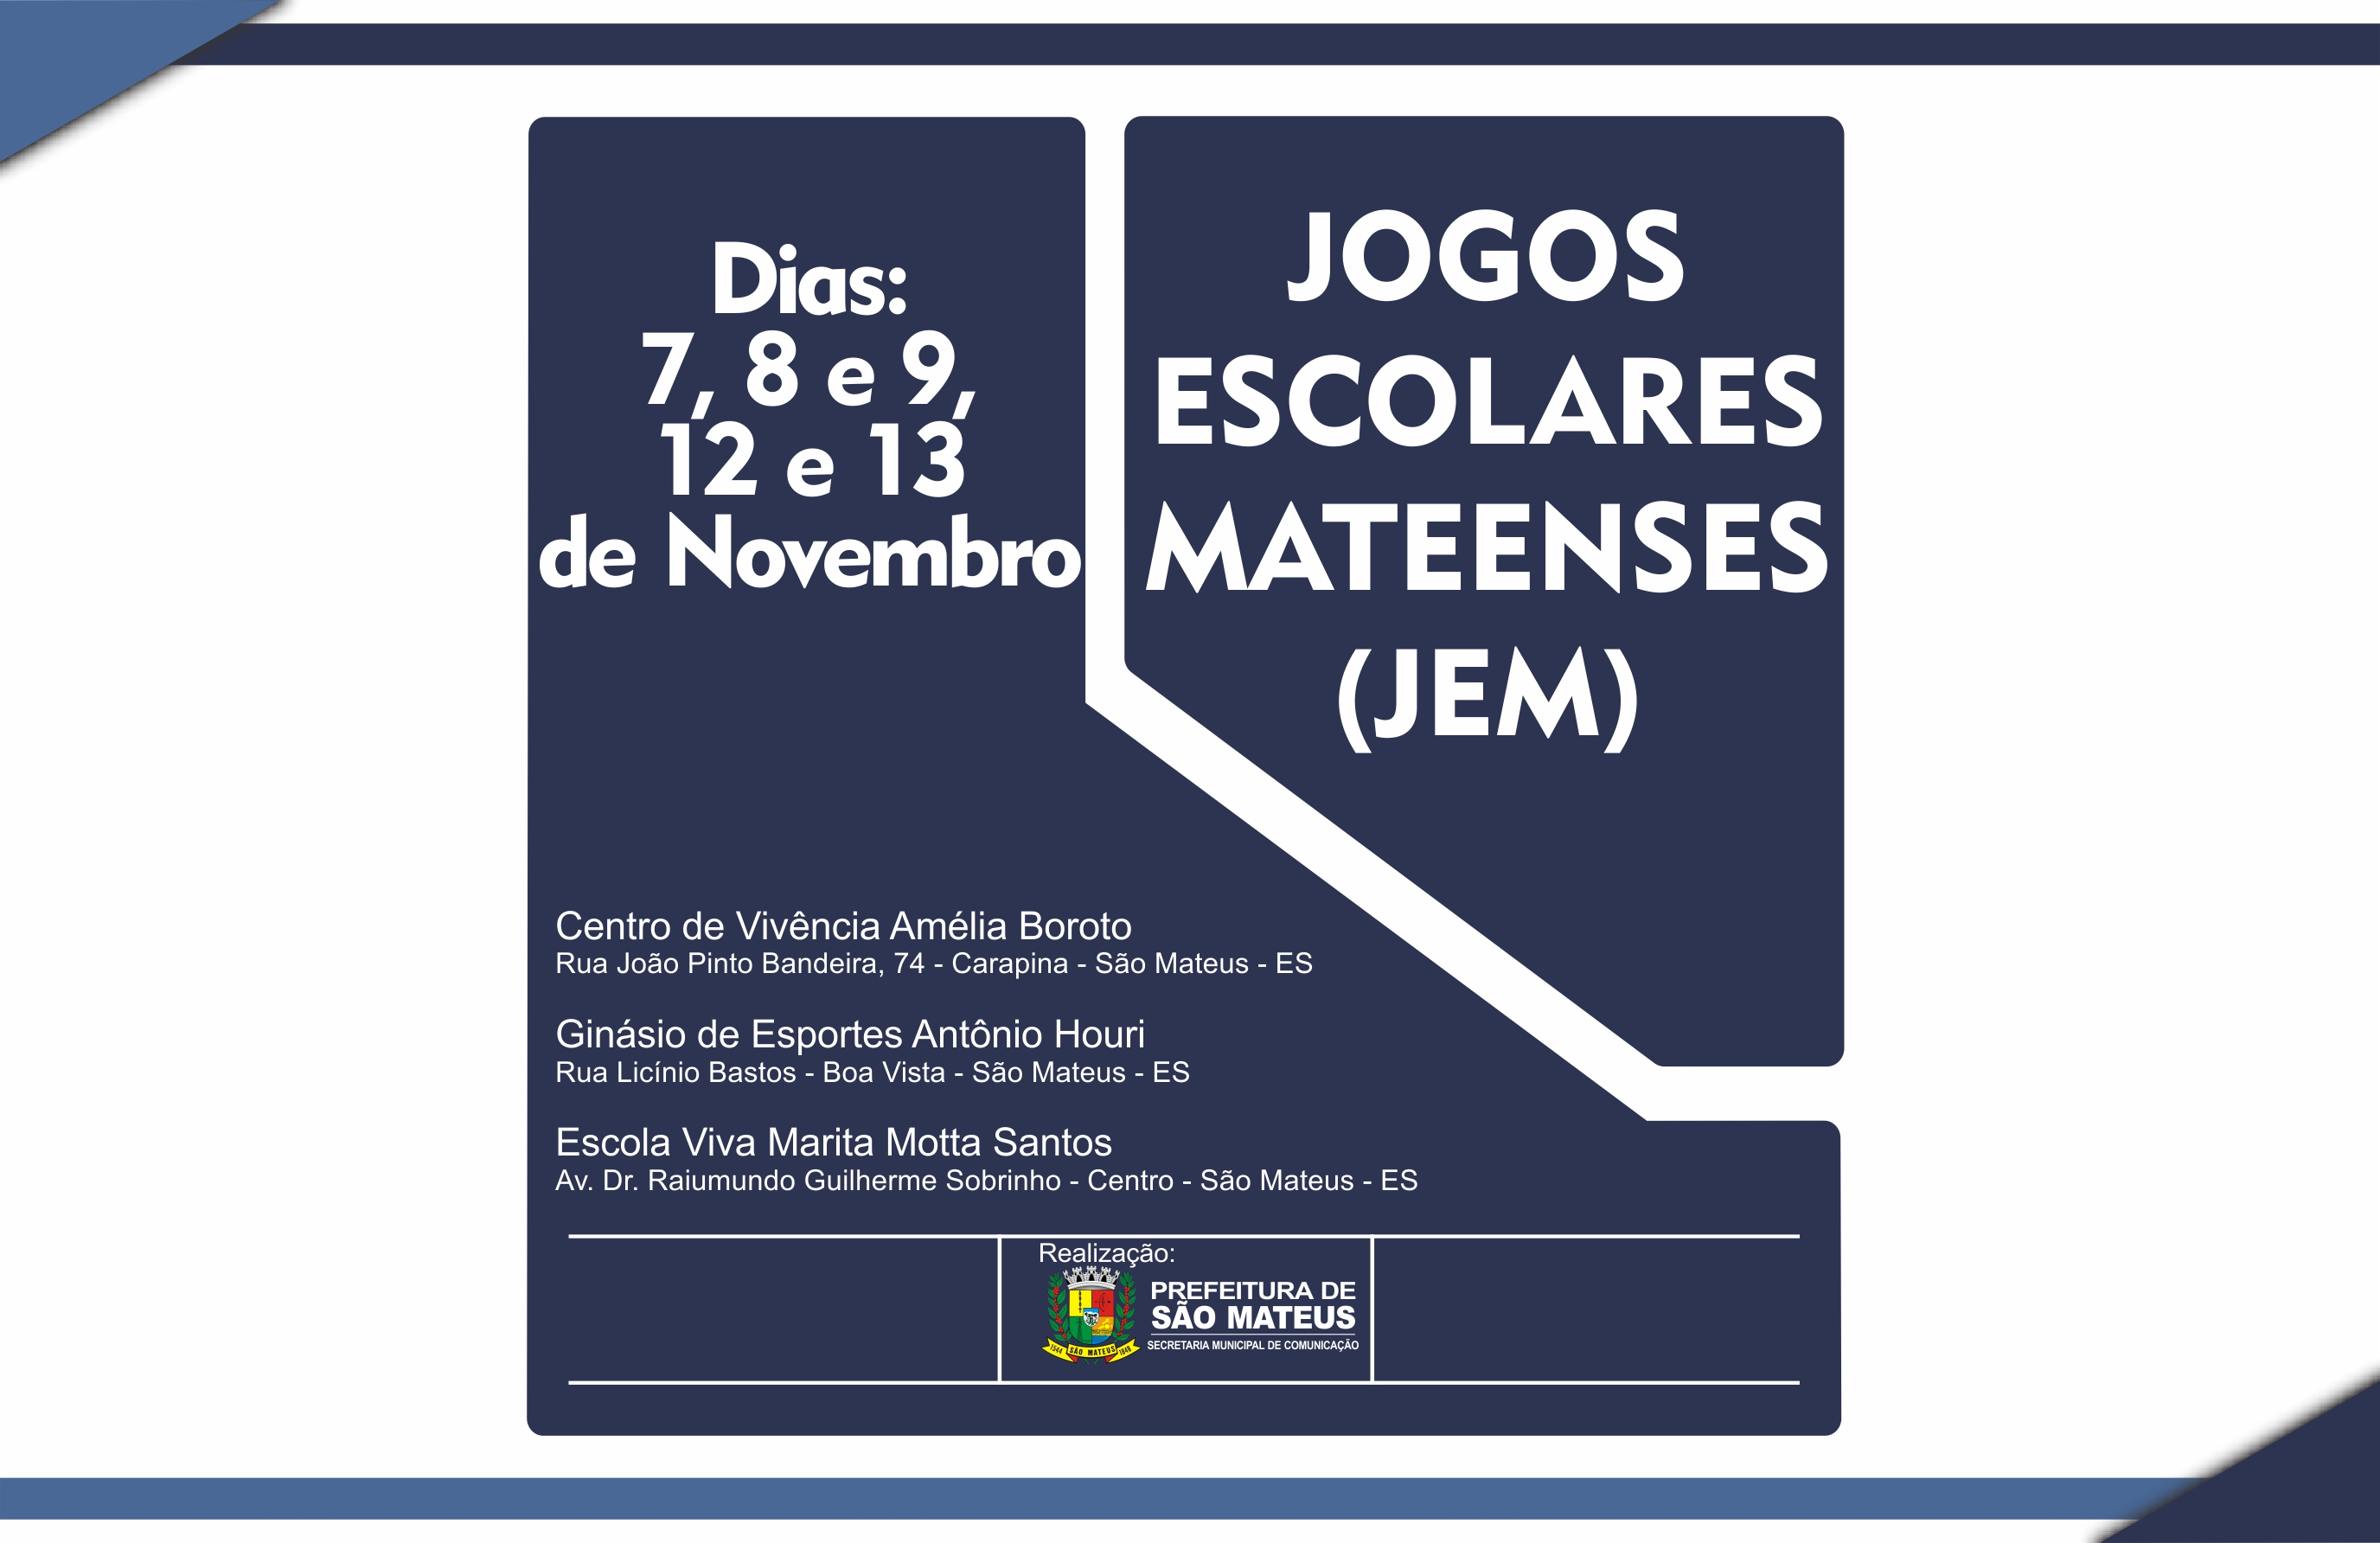 Jogos Escolares Mateenses iniciam nesta quarta-feira